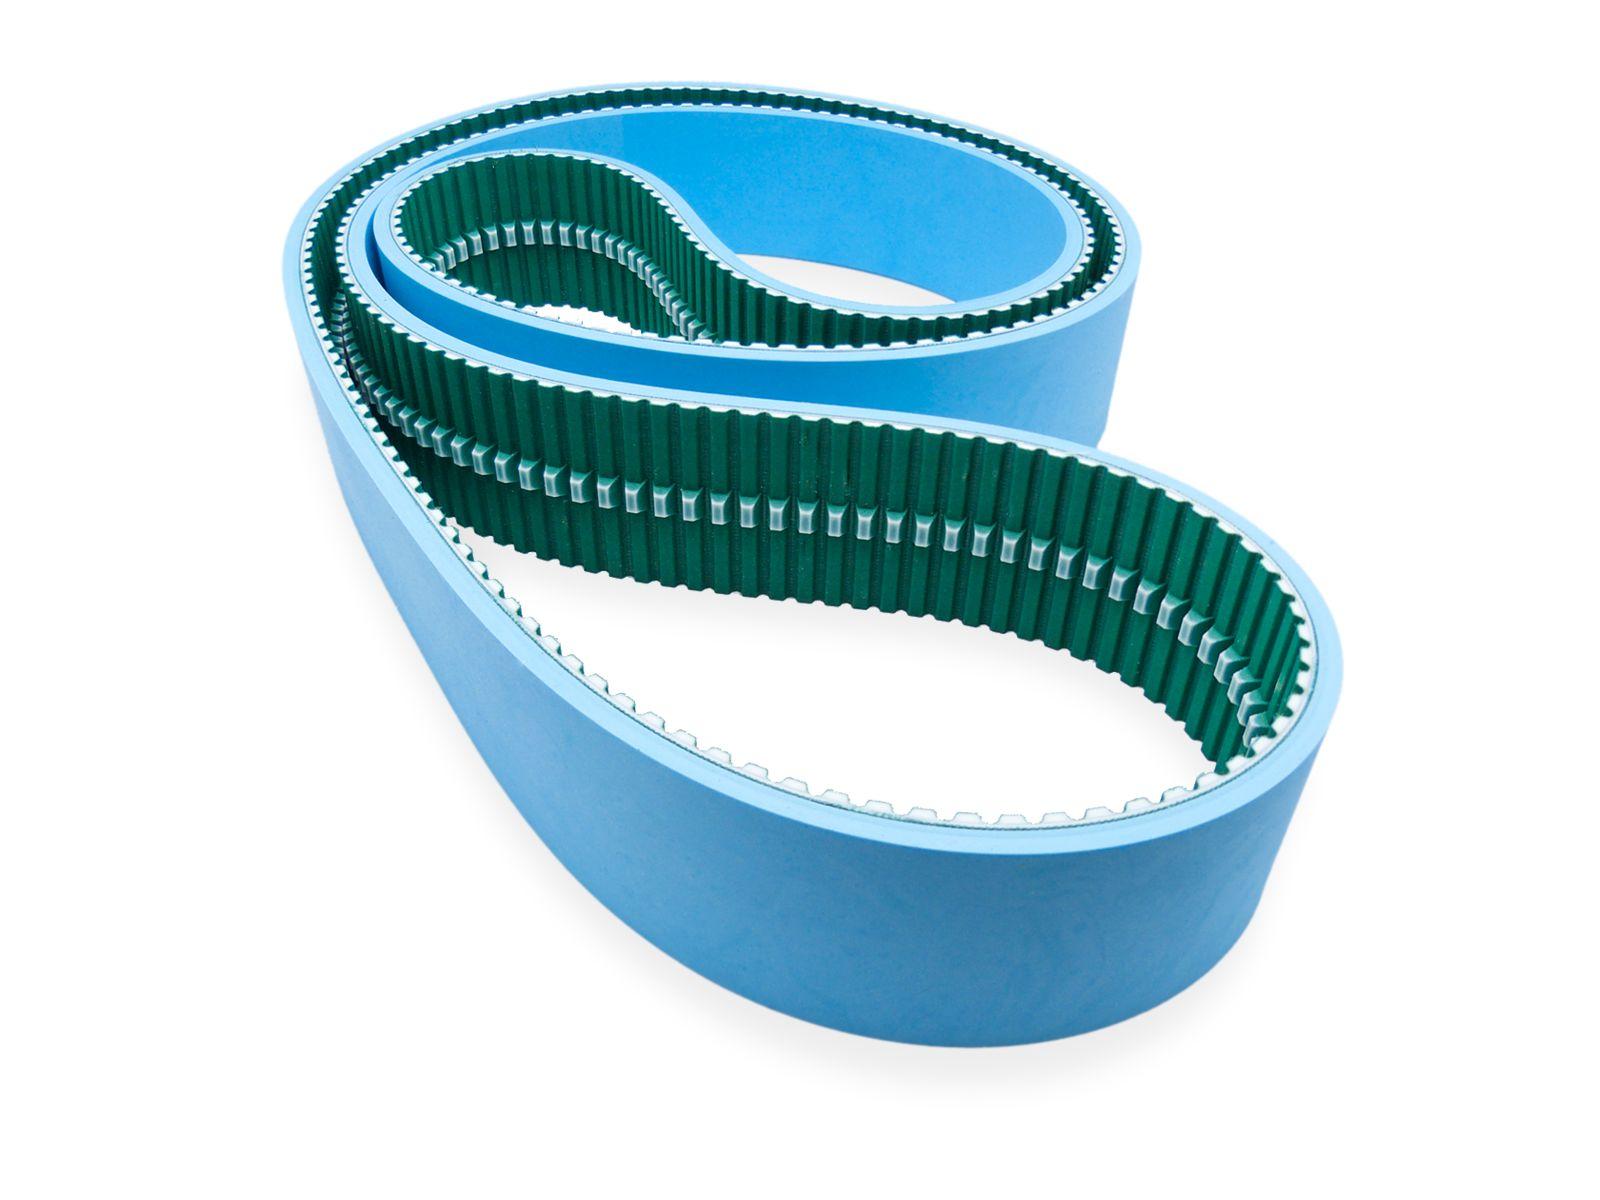 Il Rivestimento in silicone garantisce un alto grado di deformabilità